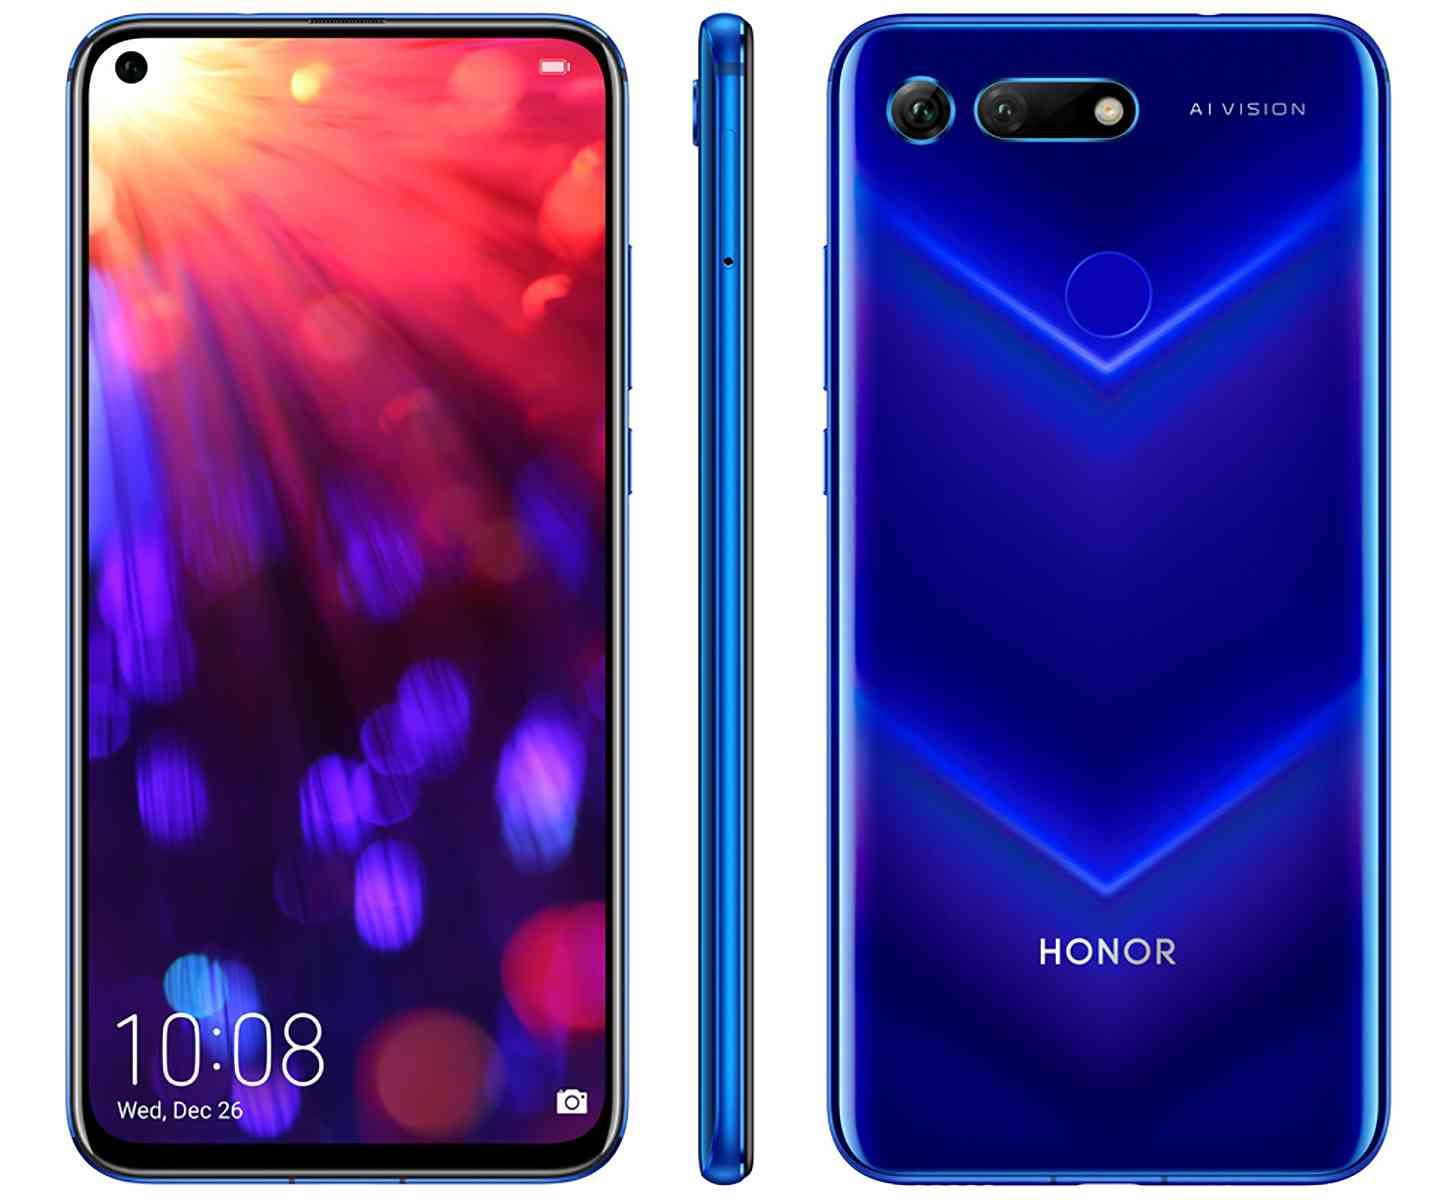 مراجعة مواصفات أحدث هواتف Honor بأقوى كاميرا وشاشة جديدة Honor View 20